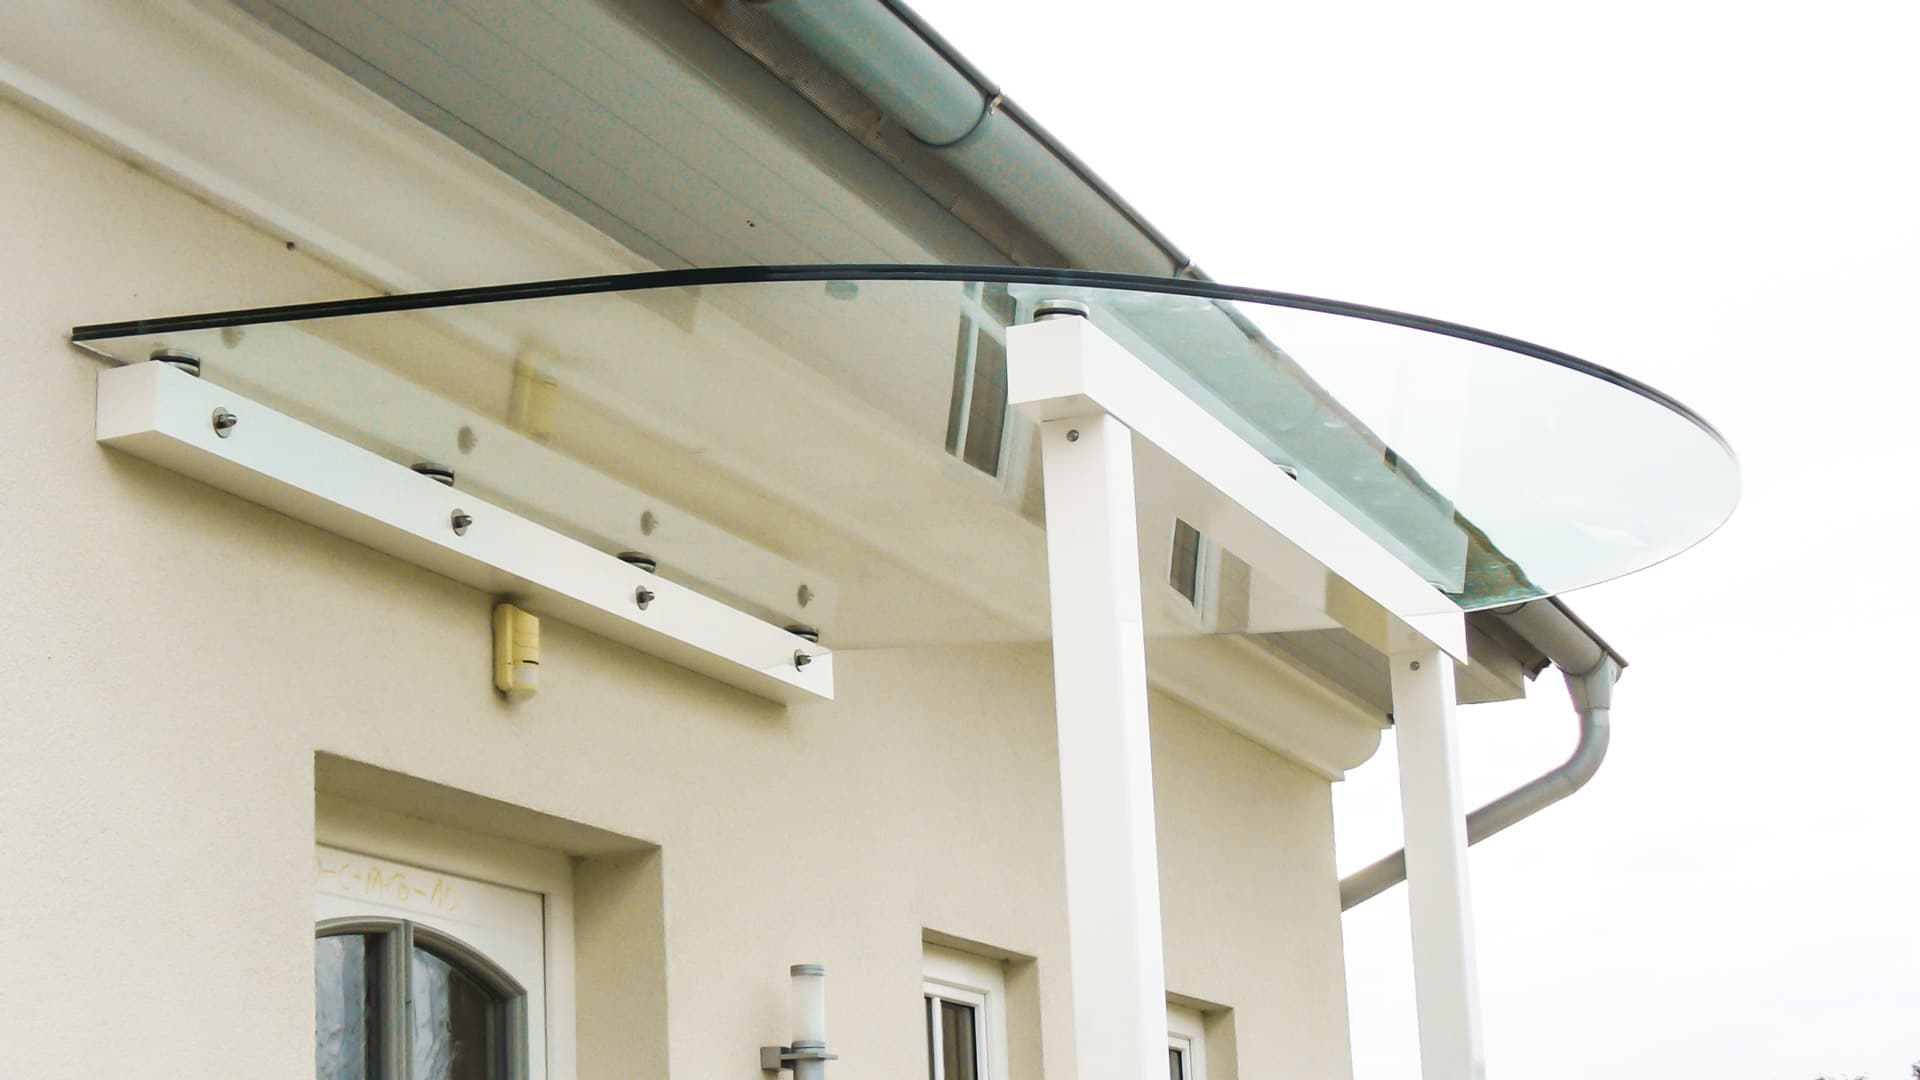 Vordach Alu 07 b | weißes Aluminium-Rundglas-Eingangsdach, Glas-Montage mit Punkthaltern | Svoboda